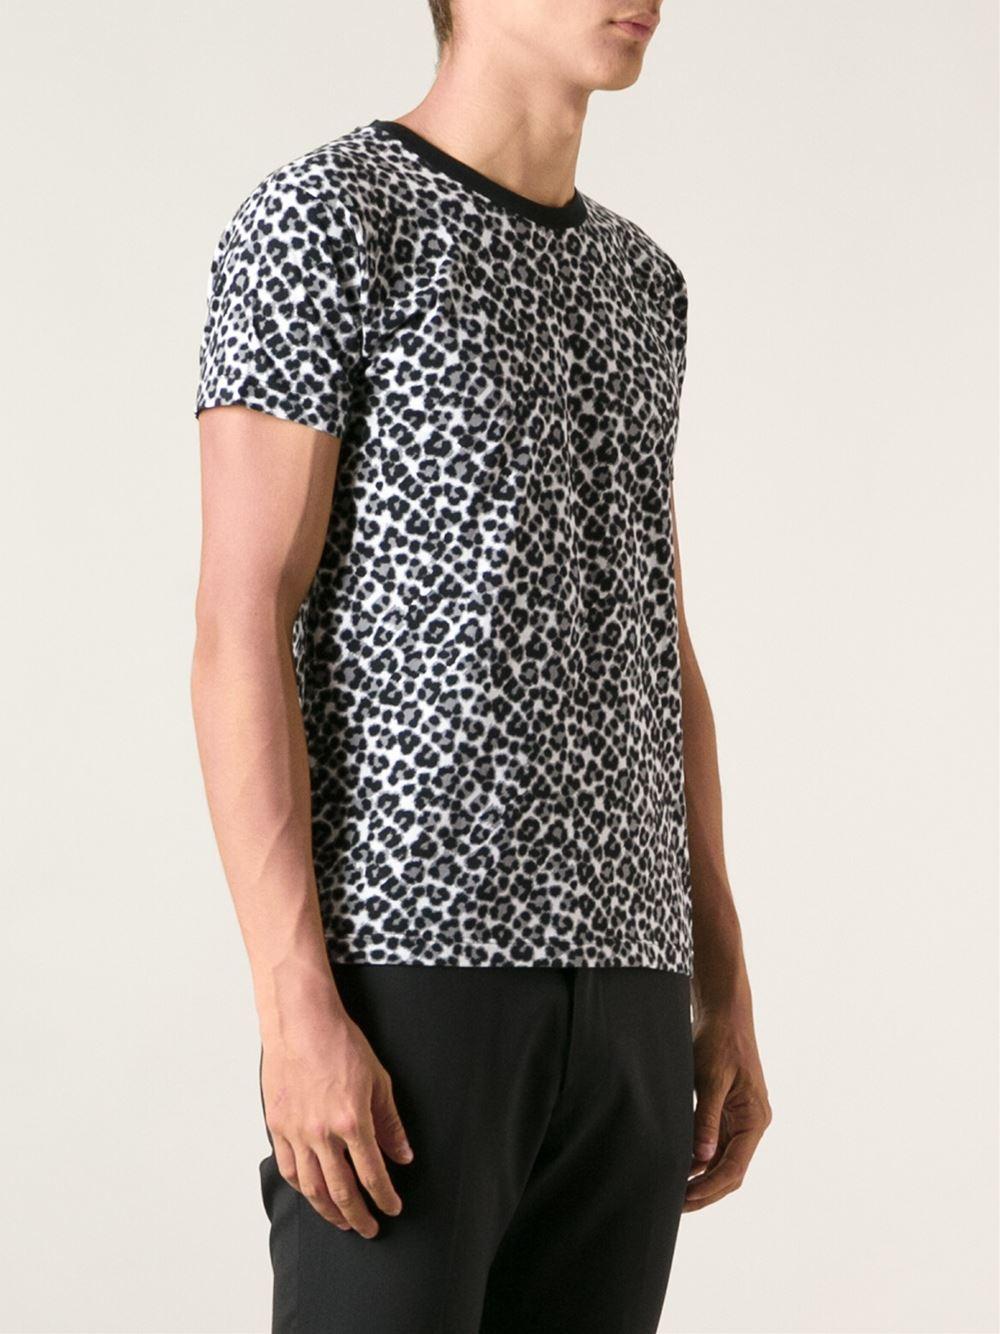 saint laurent leopard print t shirt in black for men lyst. Black Bedroom Furniture Sets. Home Design Ideas